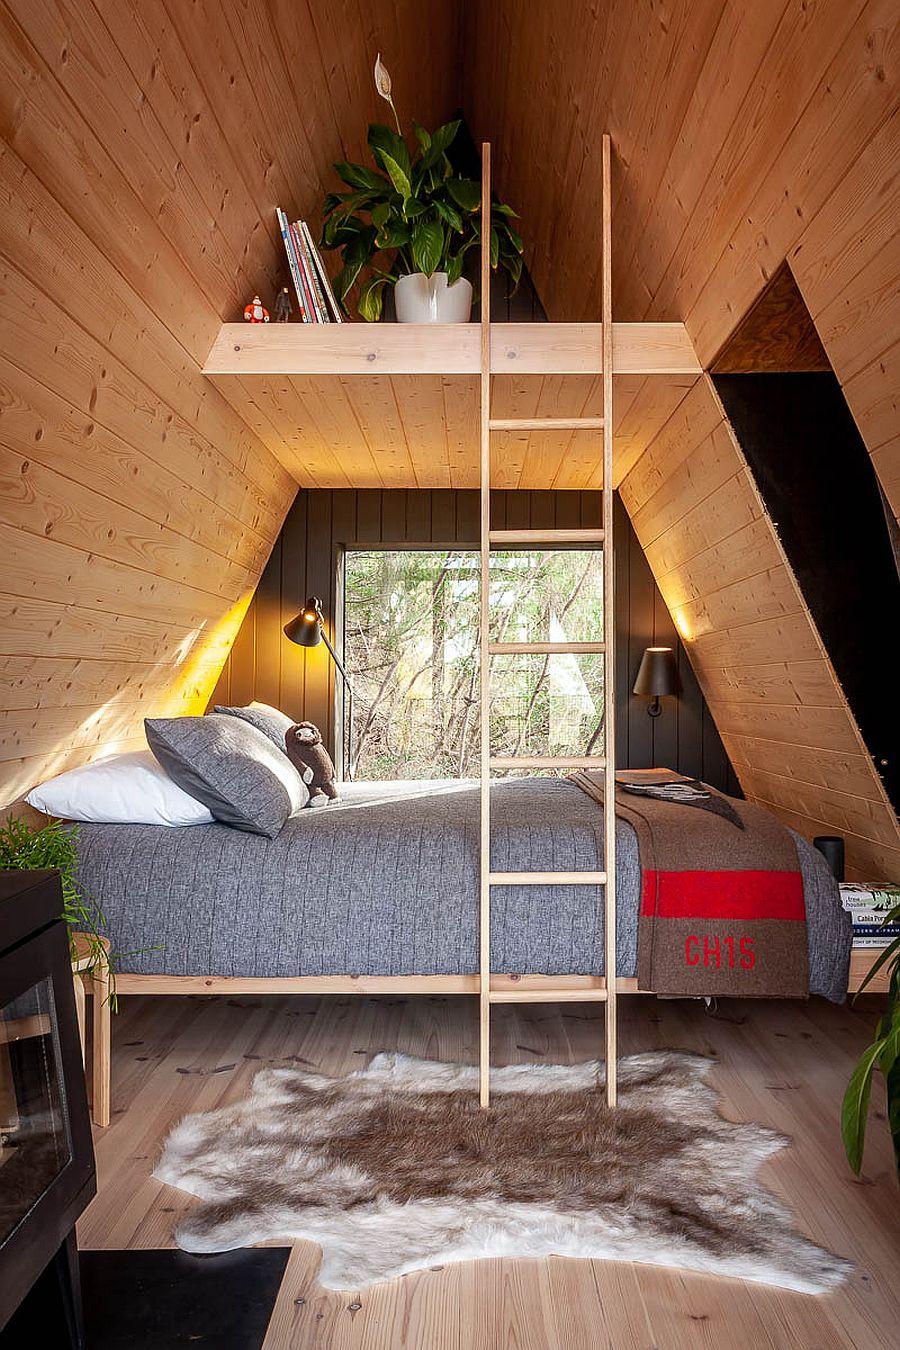 Décorer l'intérieur de la cabane dans les arbres avec un design moderne et écologique